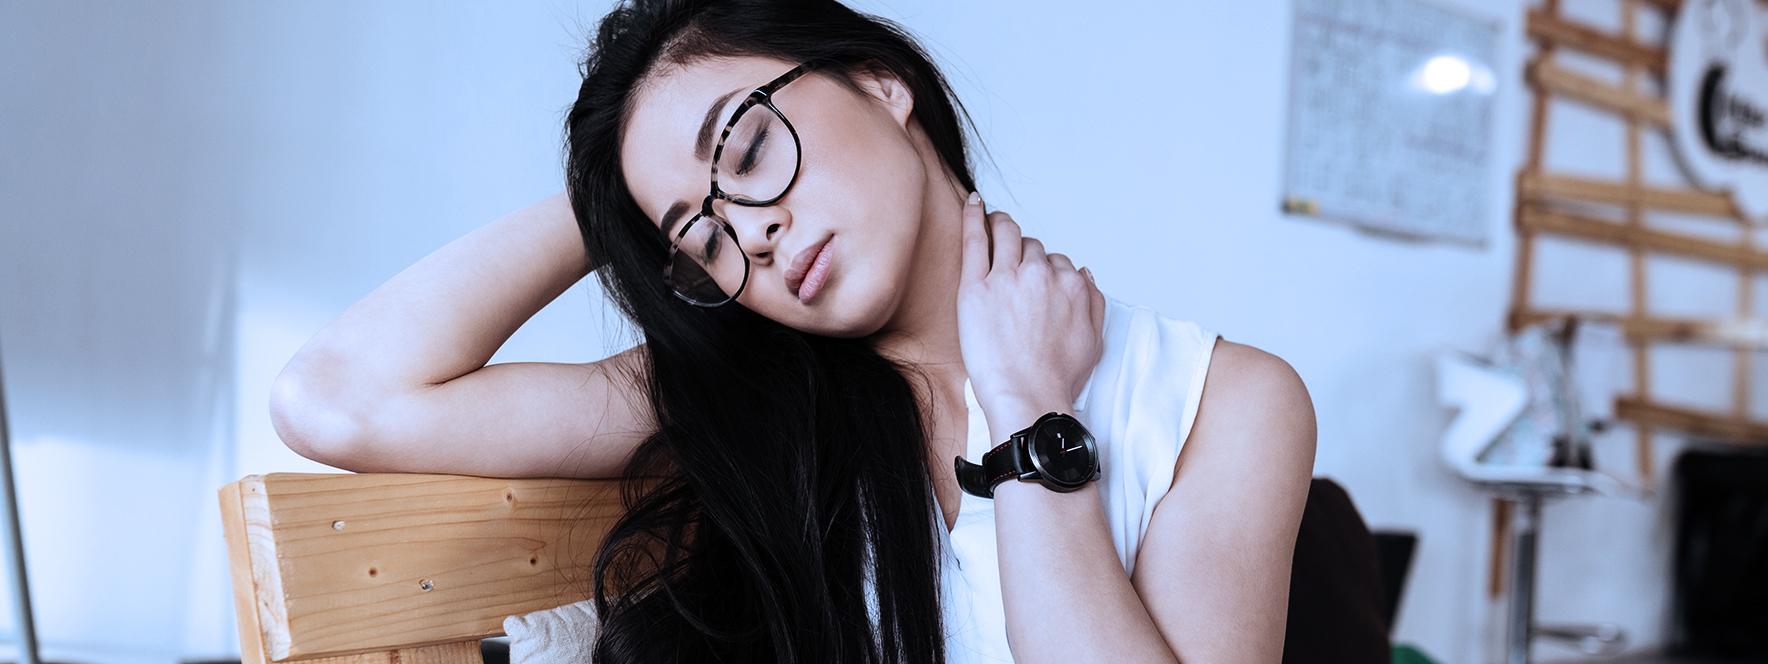 Vaincre la léthargie de la fatigue musculaire - Blogue du Réseau